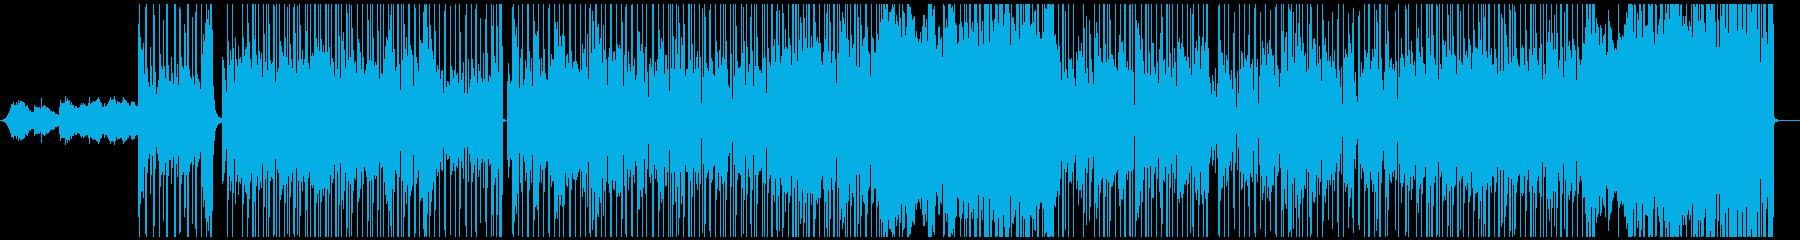 ジャズフュージョンインスト角のある...の再生済みの波形